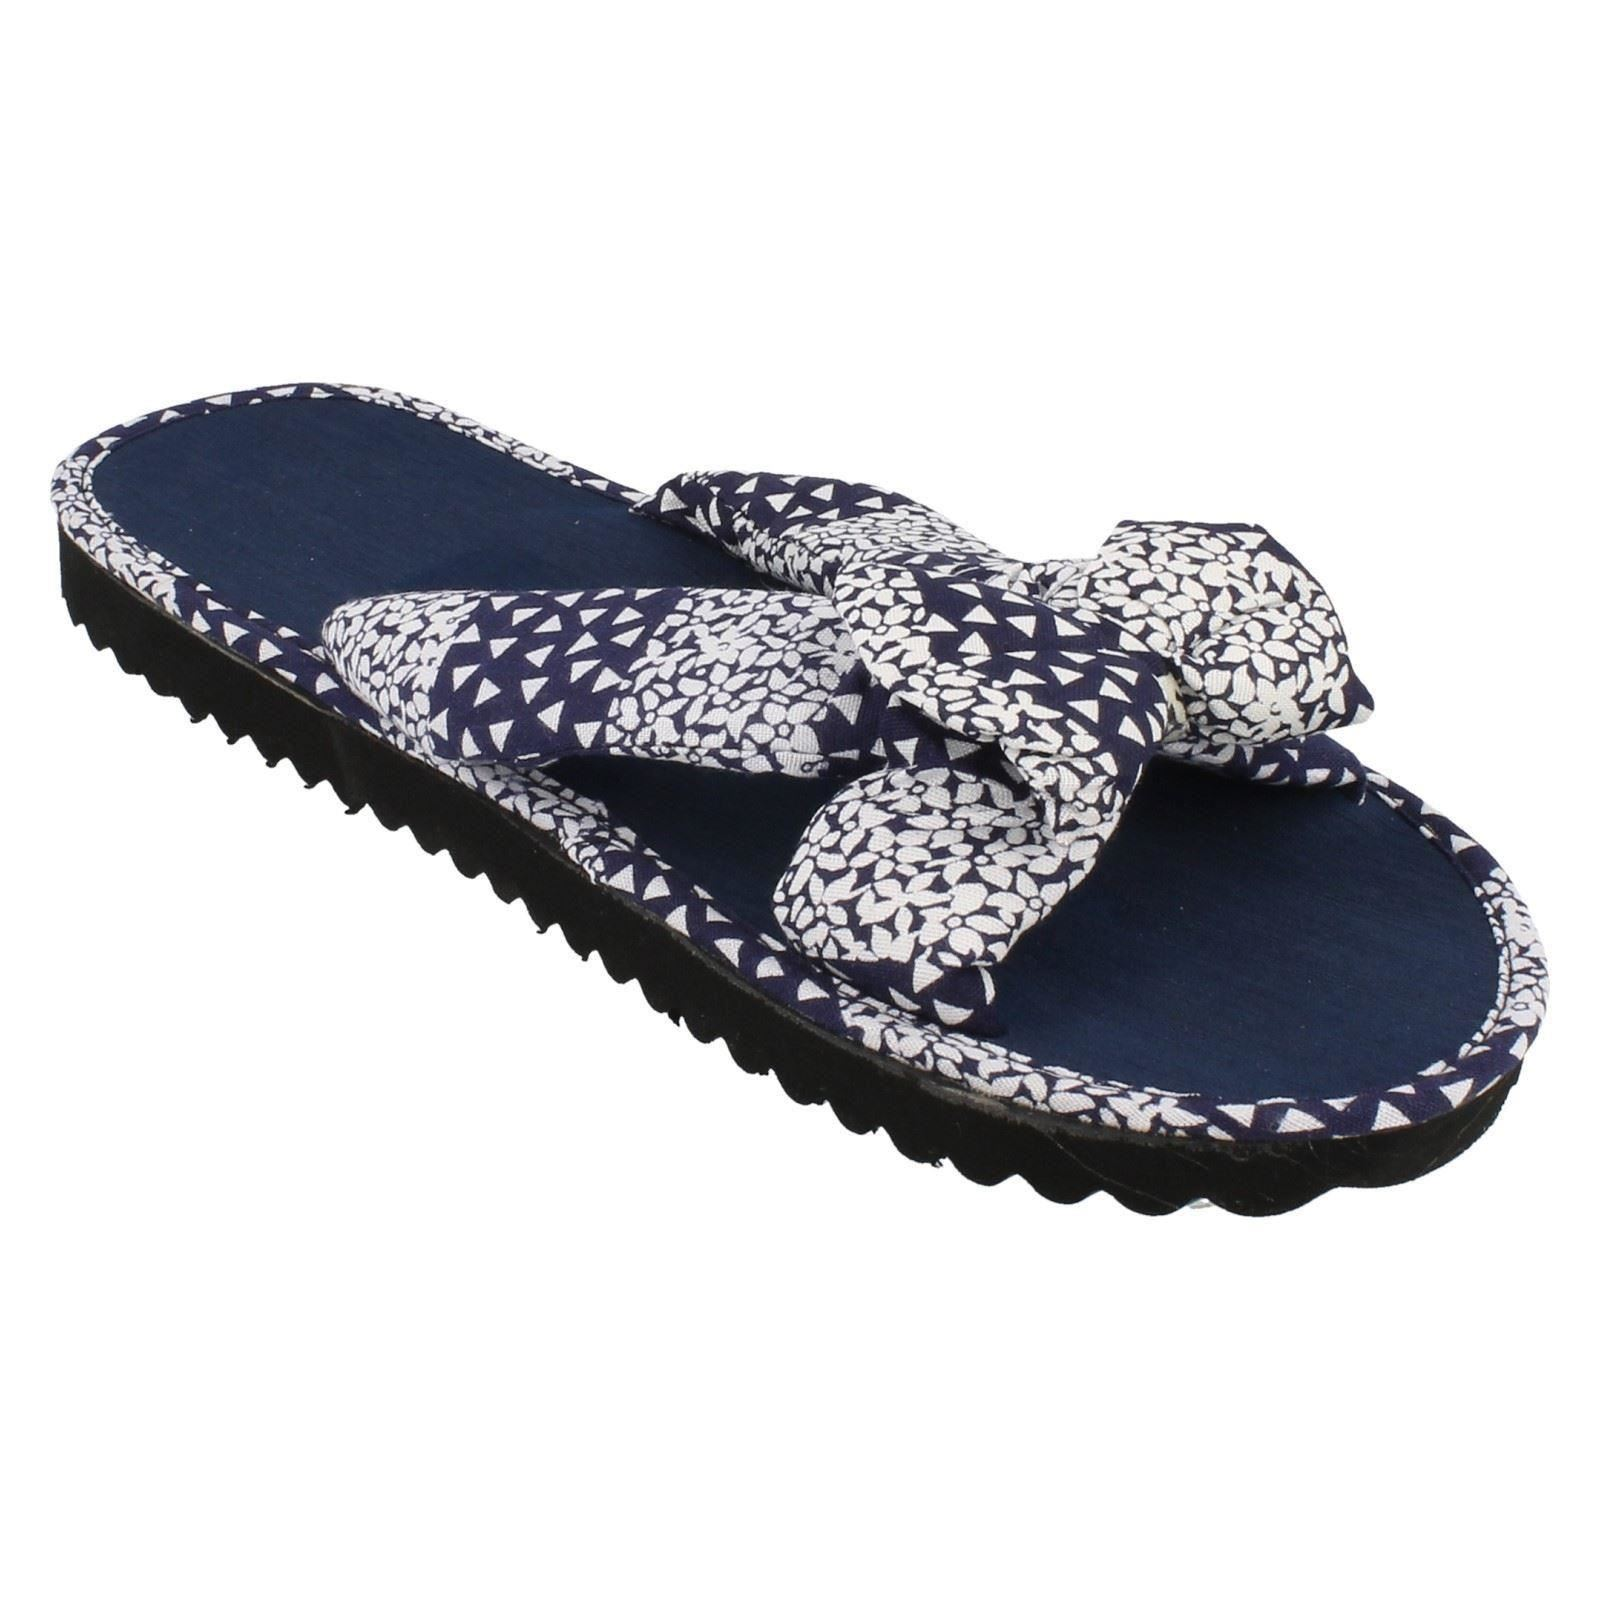 Damas Spot On sandalias de correa de cruz estilo ~ K